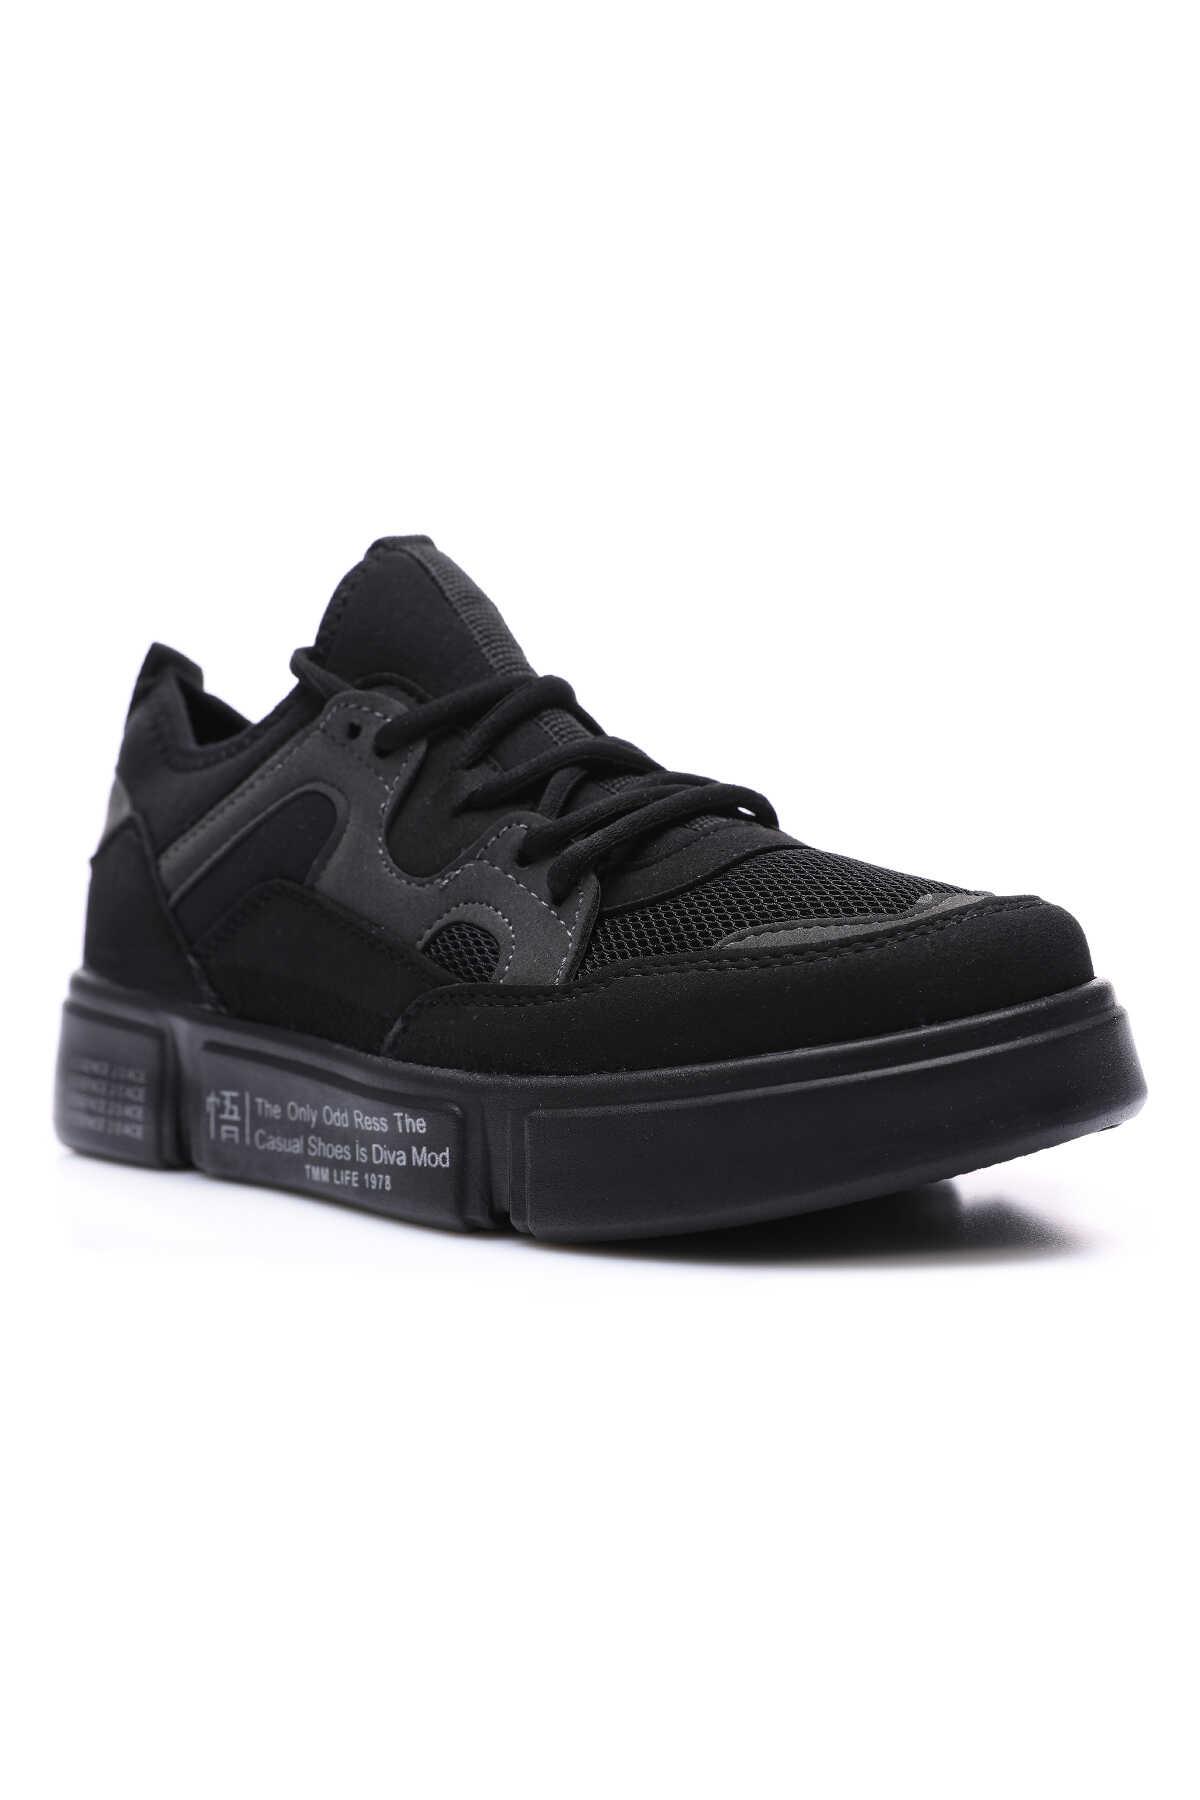 Tommy Life Toptan Siyah Erkek Renkli Bağcıklı Yüksek Taban Spor Ayakkabı - 89029_01